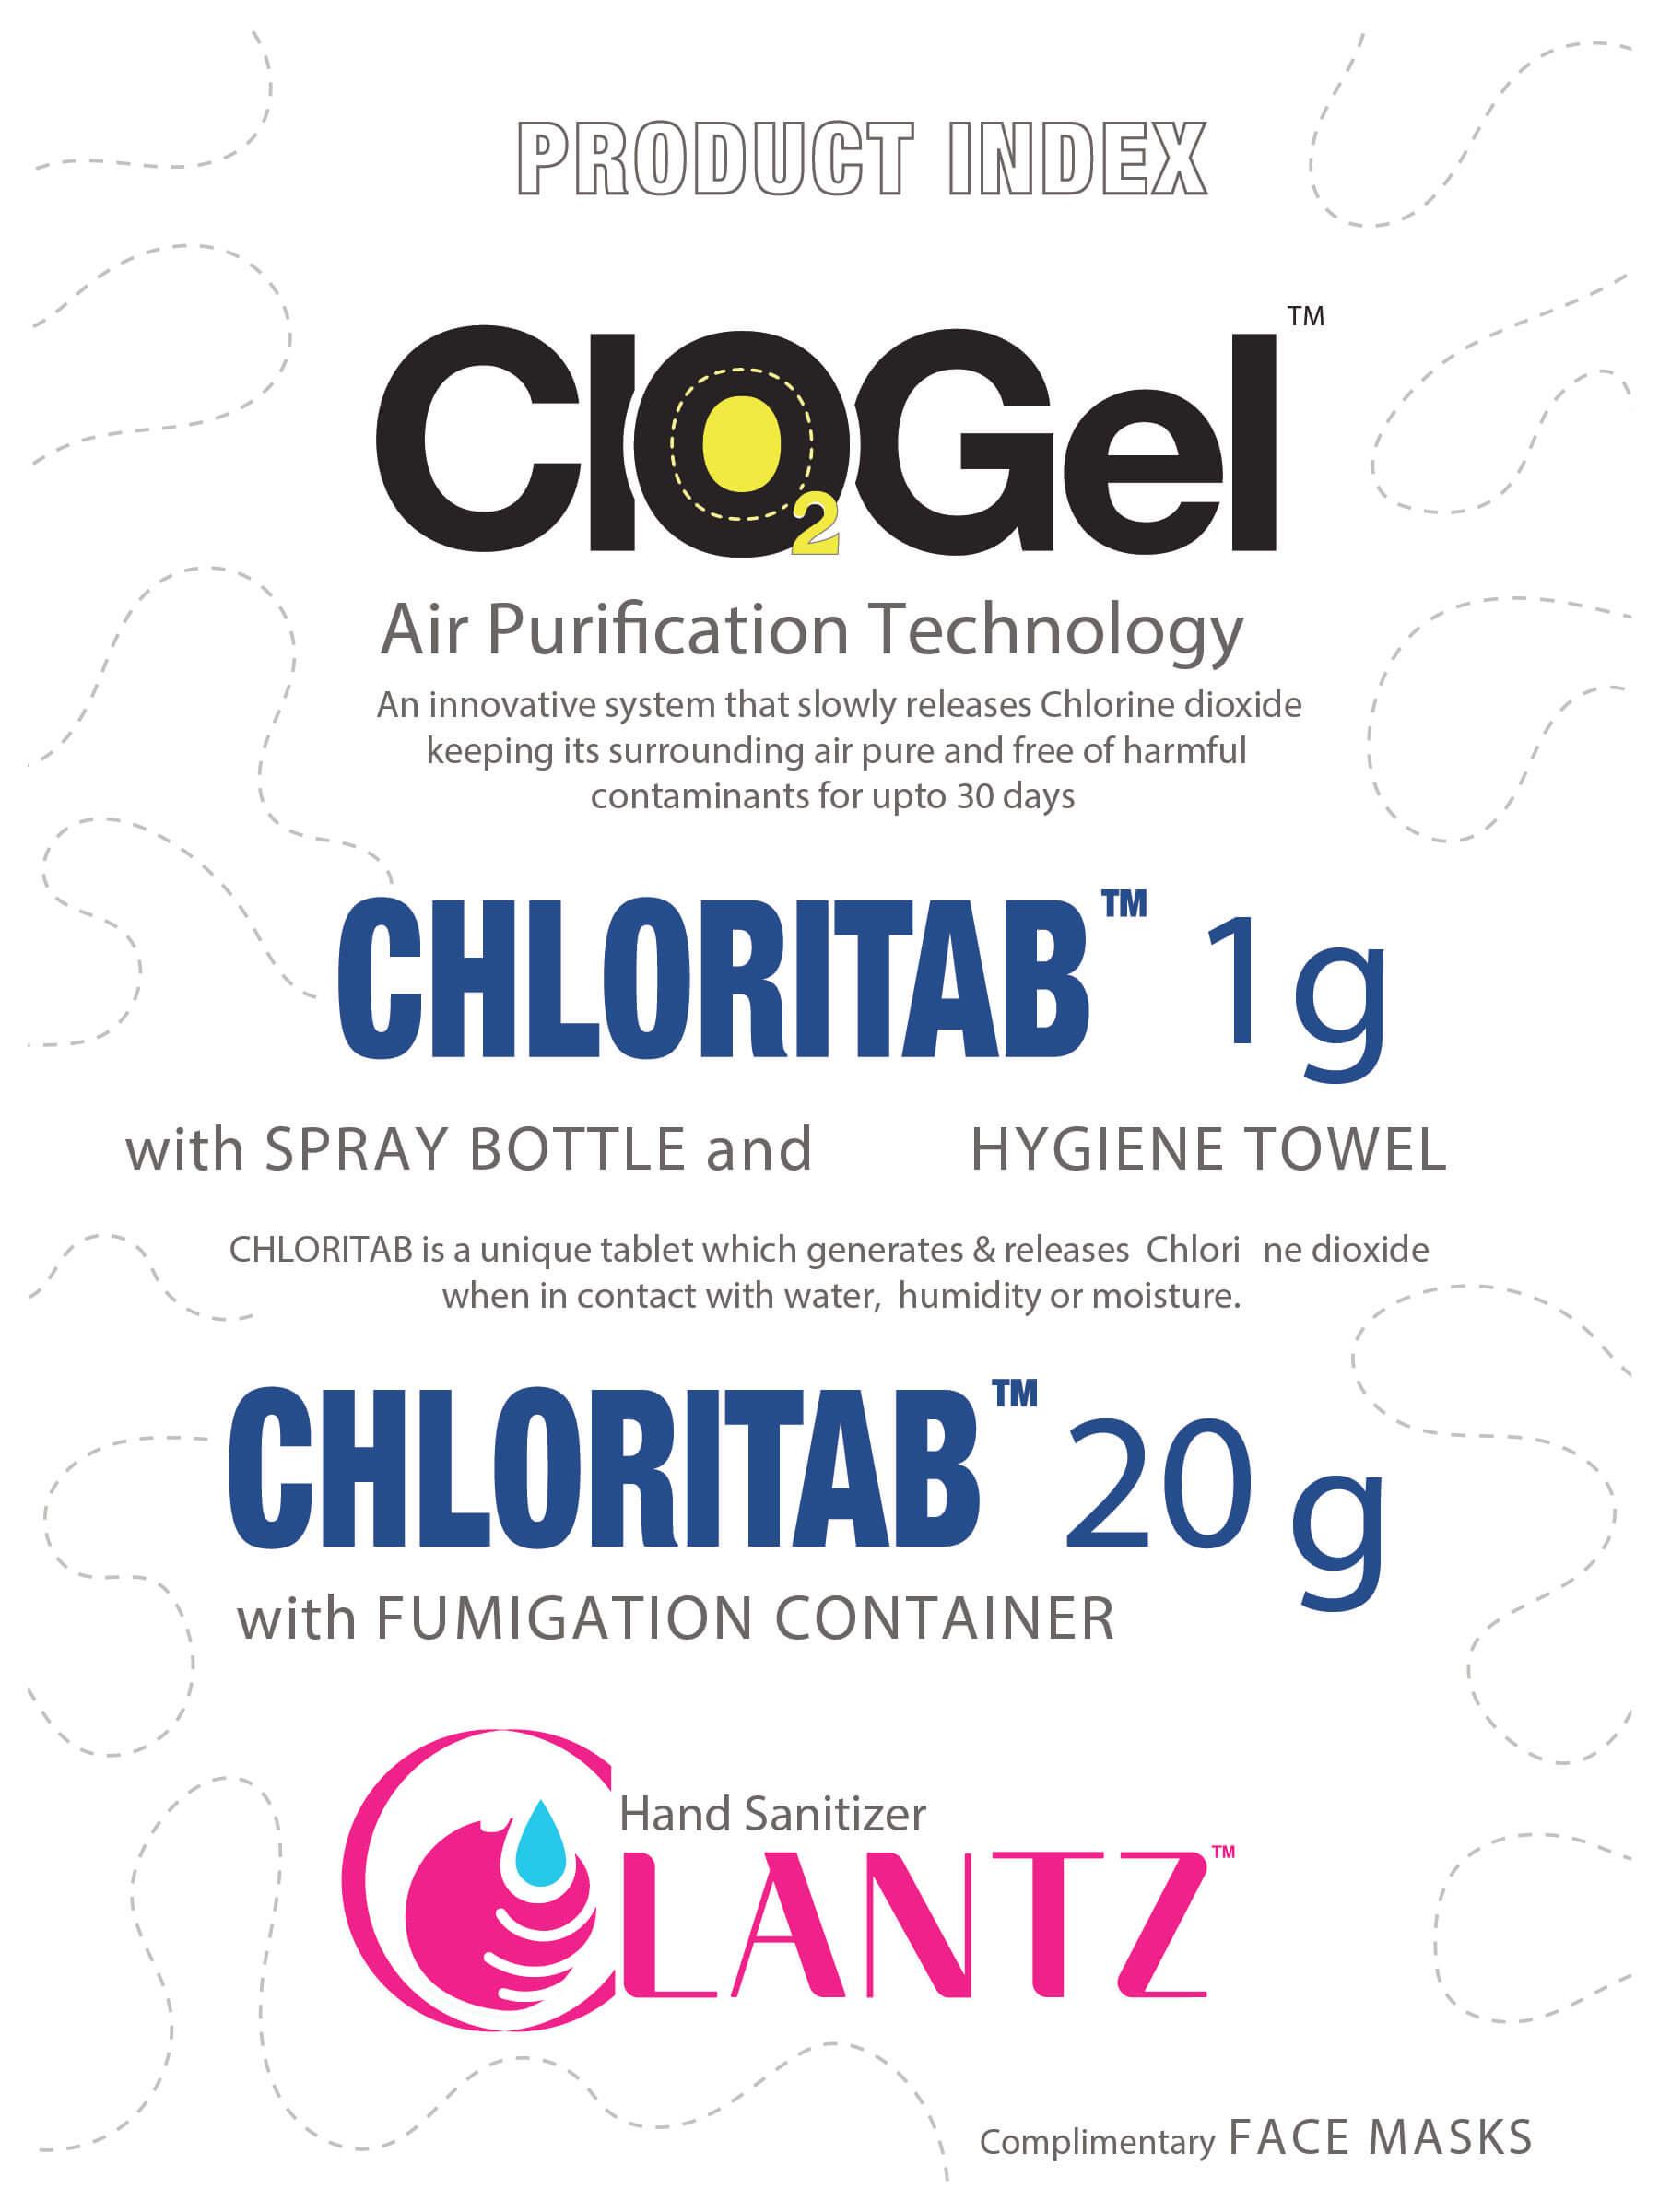 Clantz Hygiene Kit manual